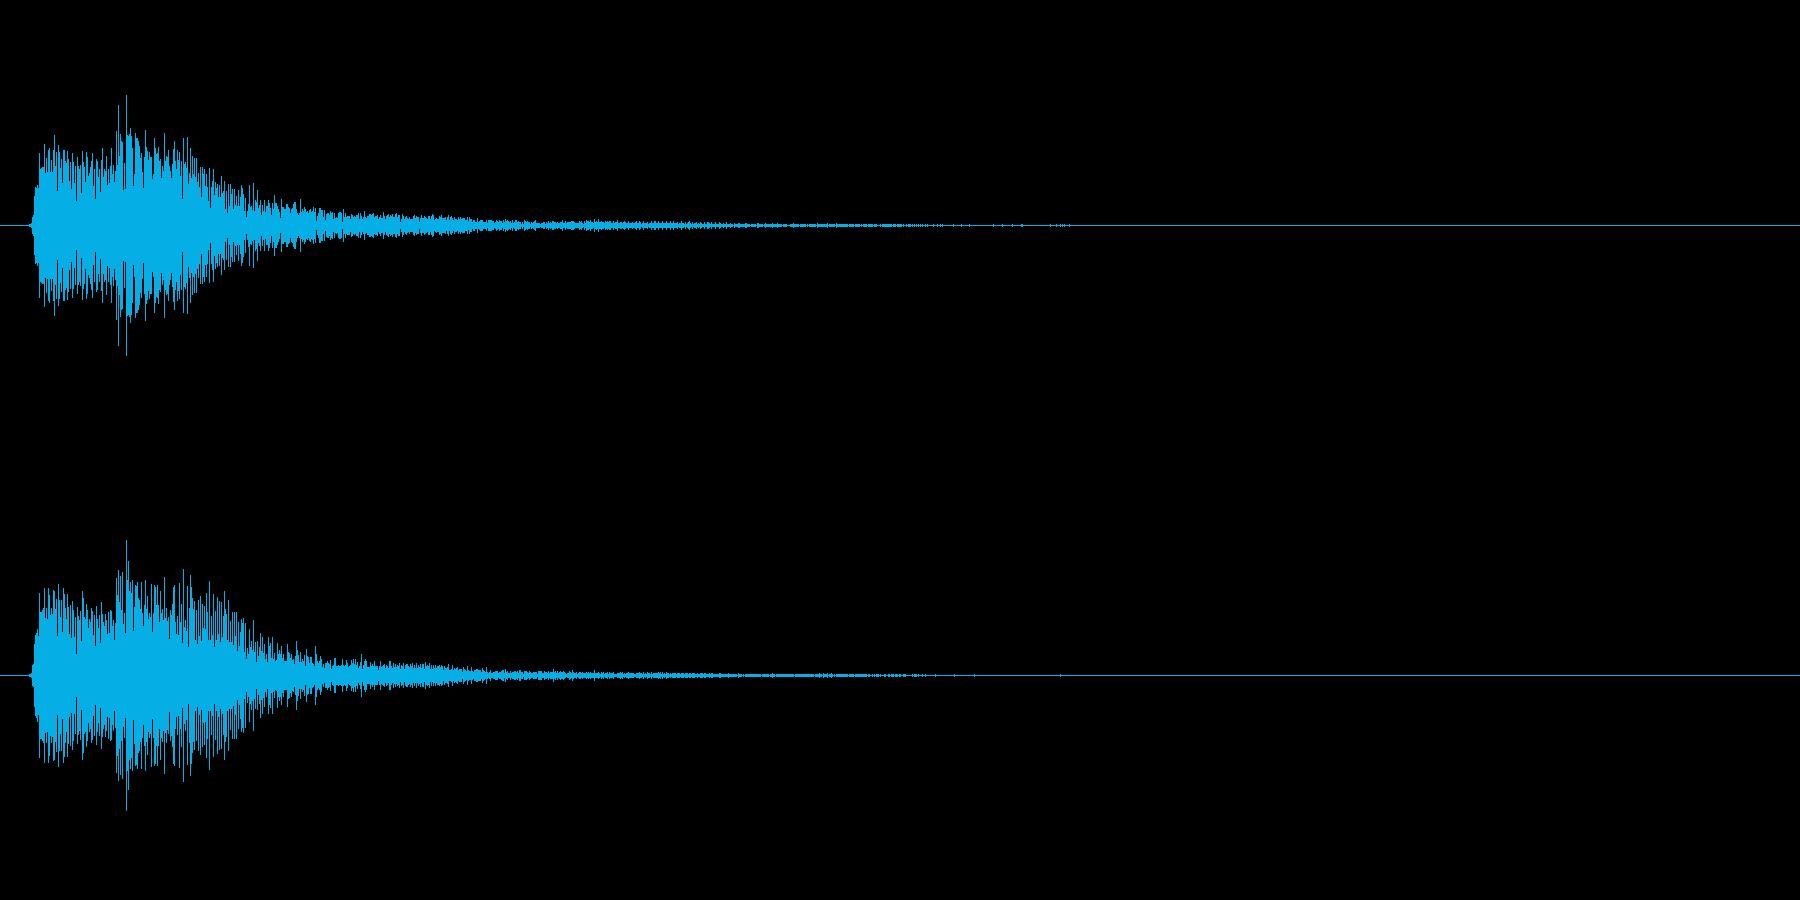 アプリ・ゲームの決定音_005の再生済みの波形